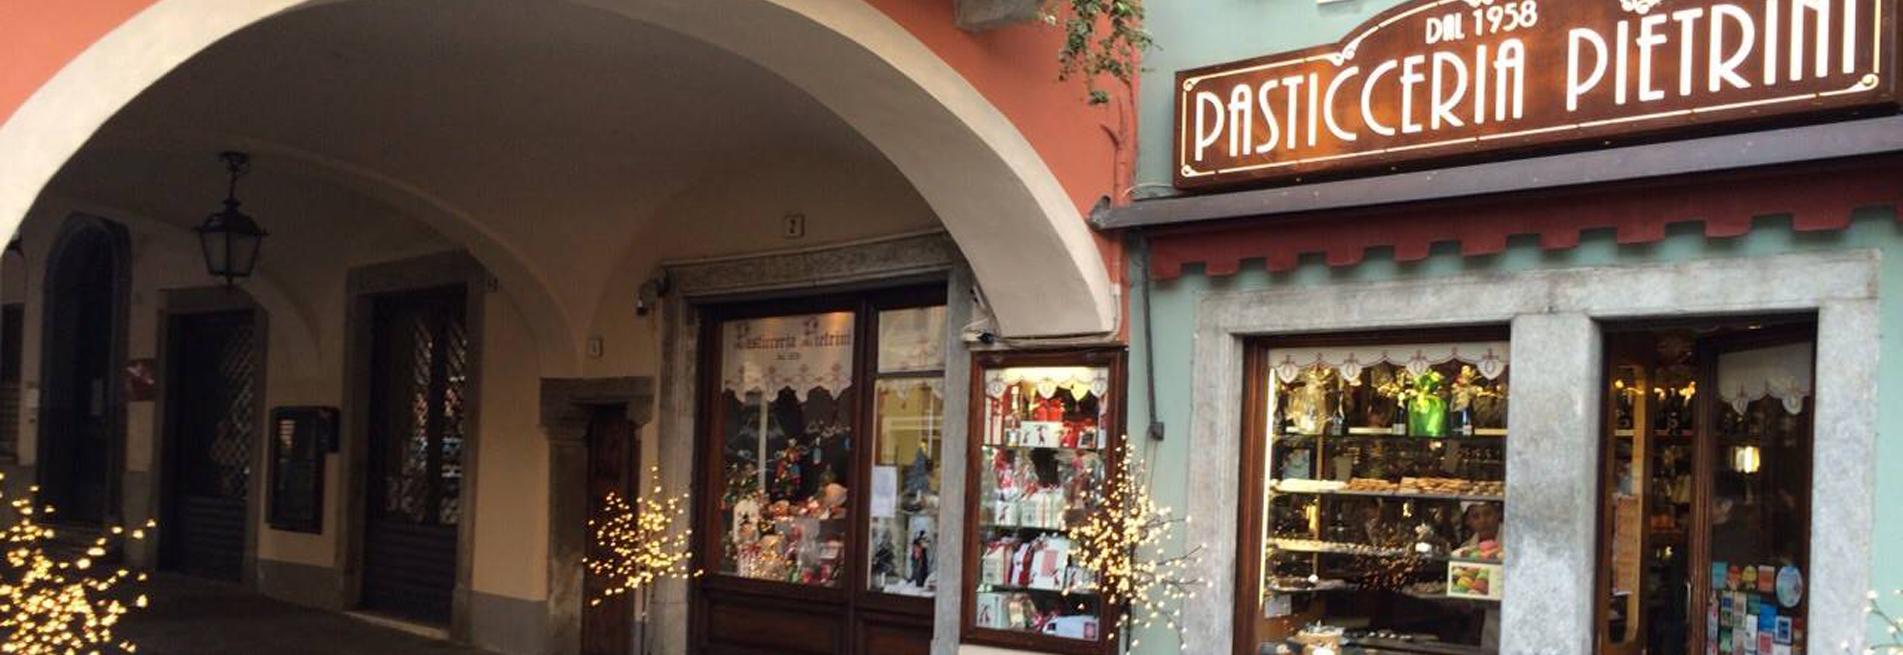 La Pasticceria Pietrini e il Catering BON TON Pietrini parteciperanno a Gourmet Food Festival 2019